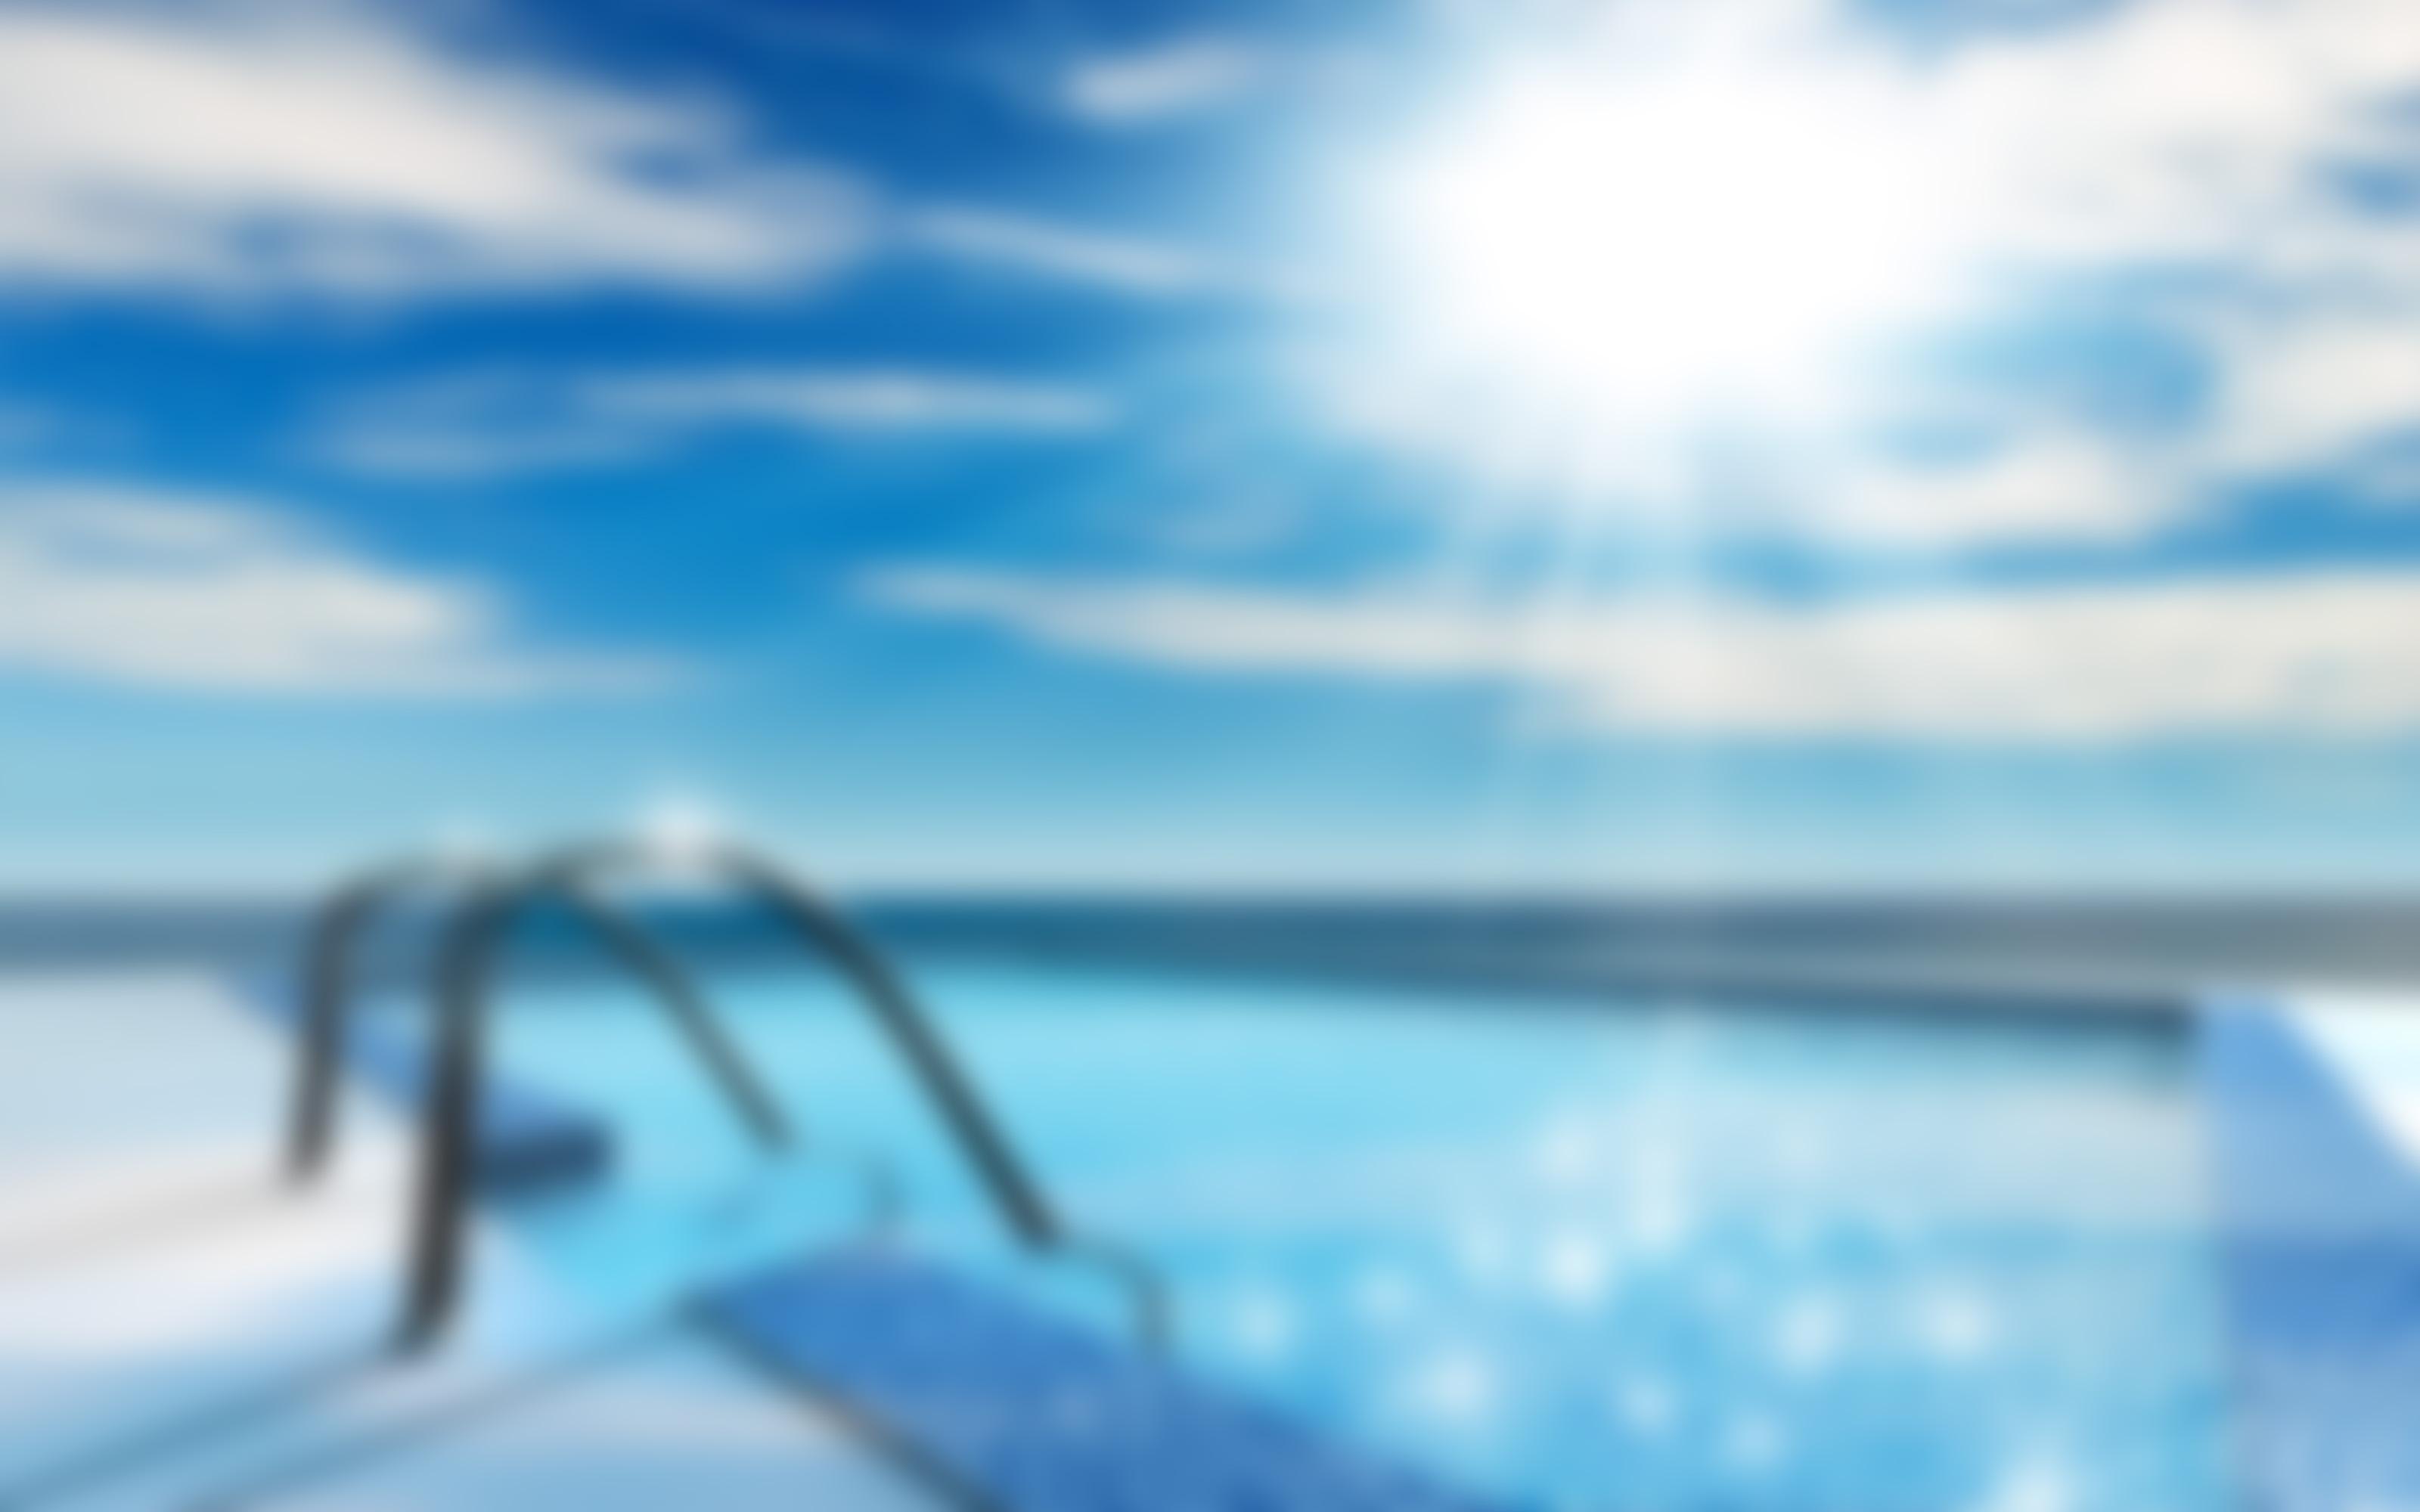 immagine di sfondo delle slide del sito di Aquatico, rappresenta una piscina